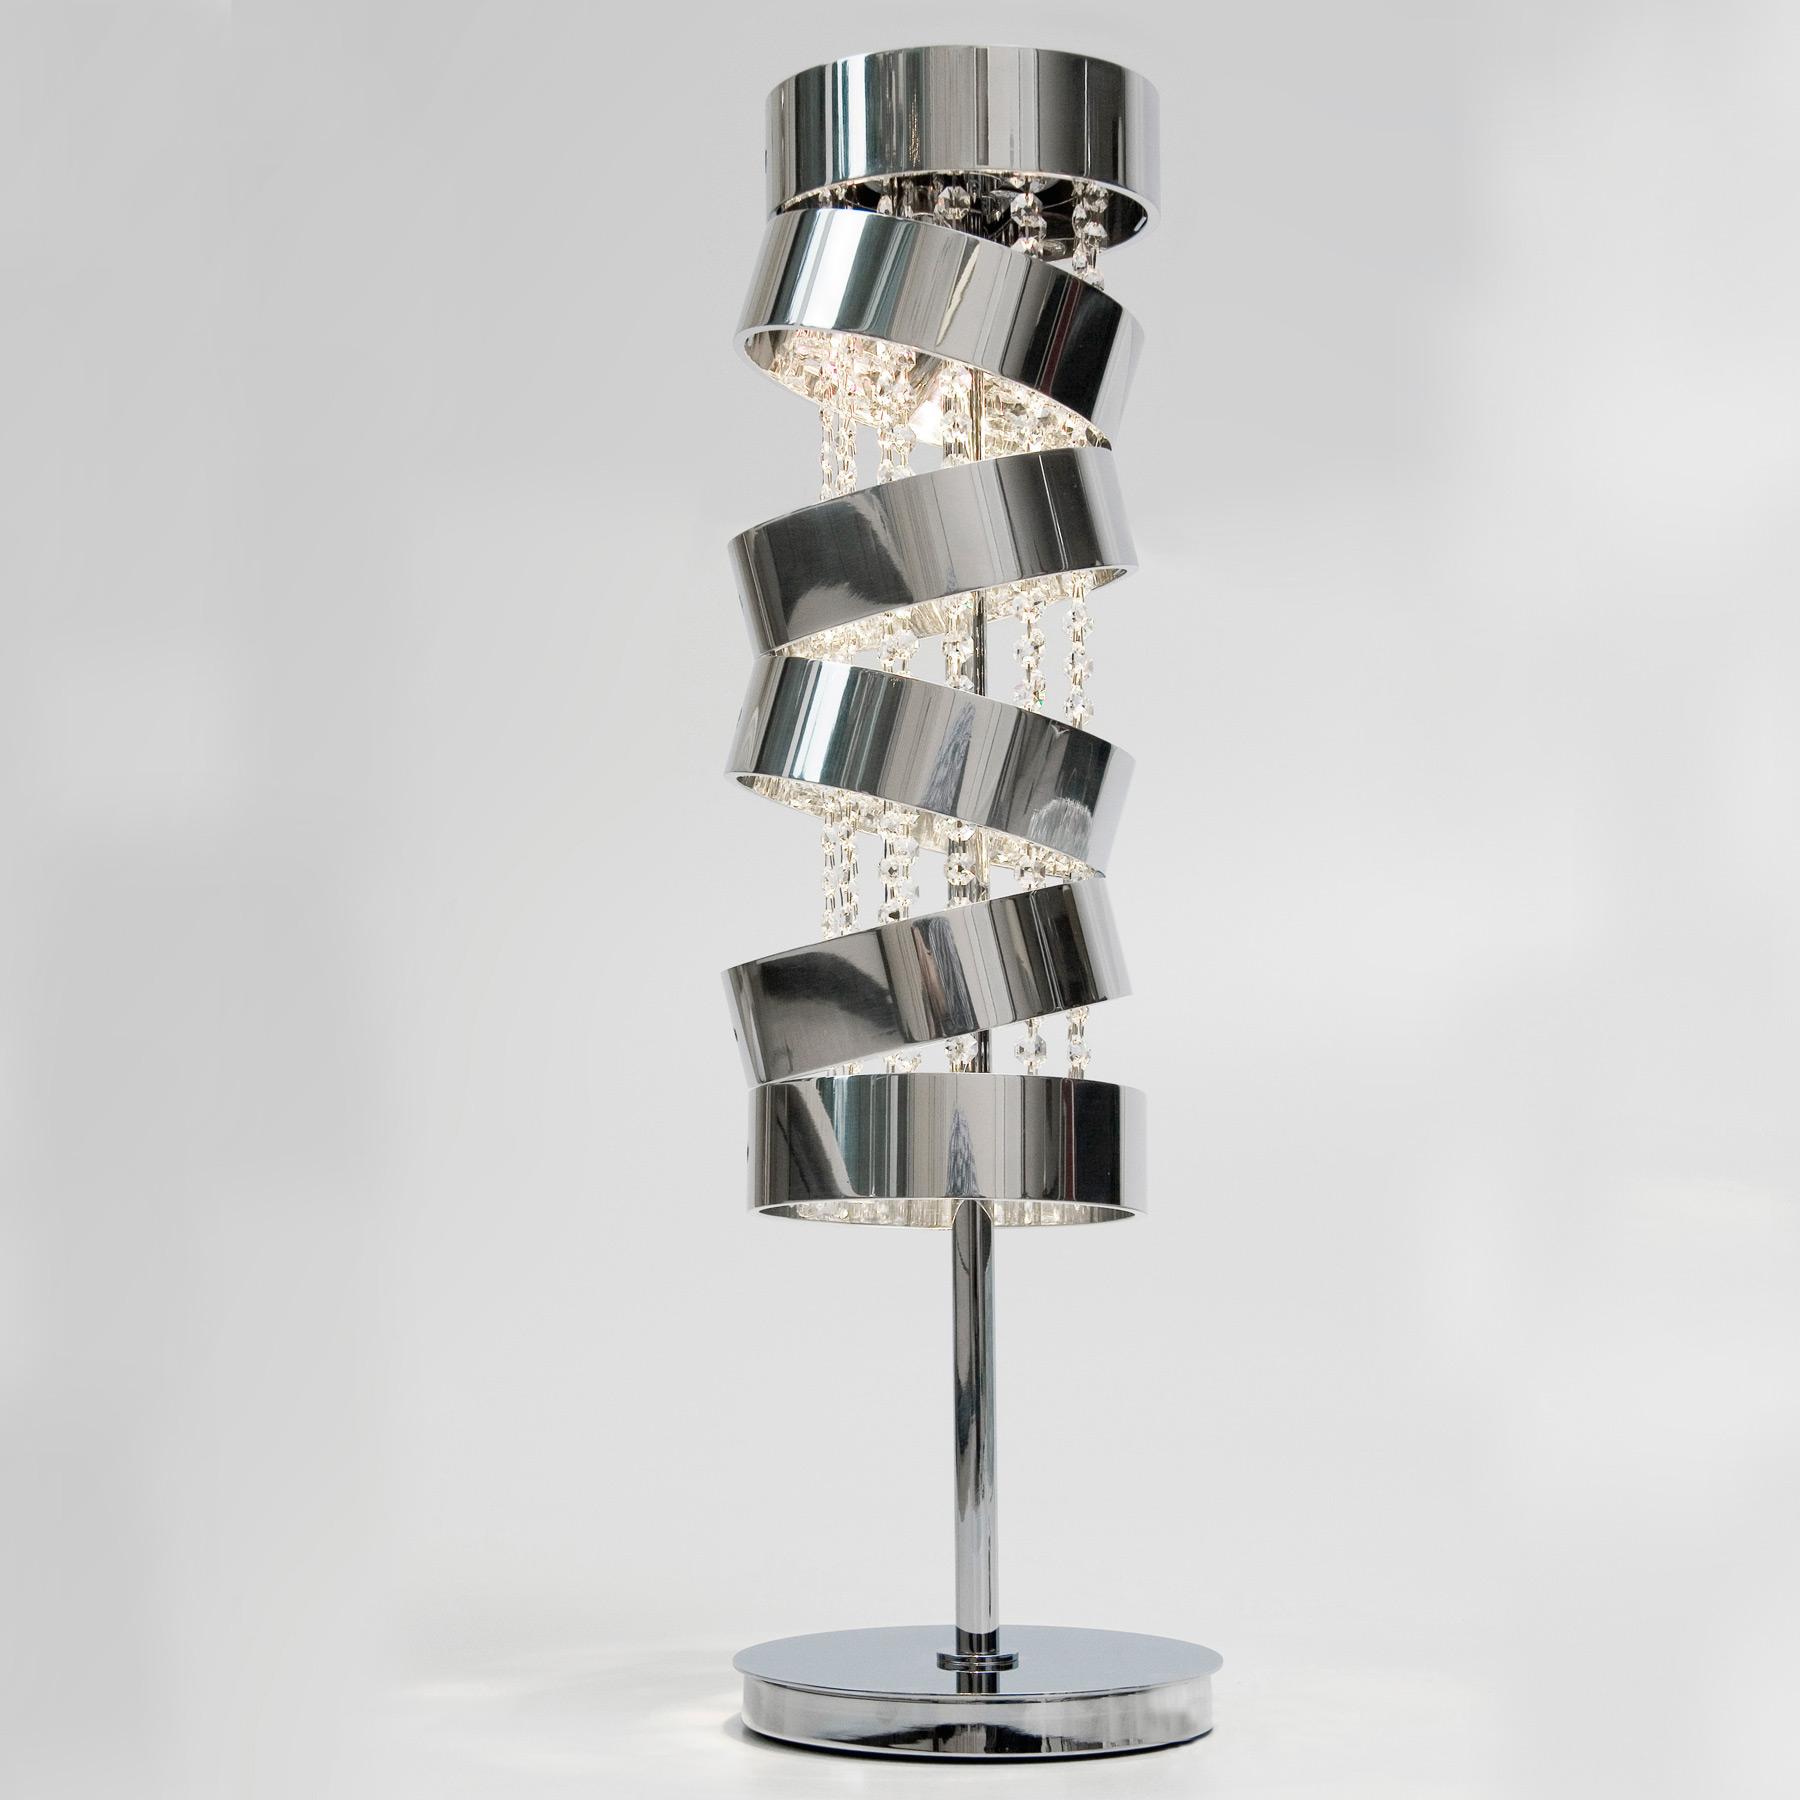 Secret Club Table Lamp With Swarovski Crystal By Ilfari | ILF6395s